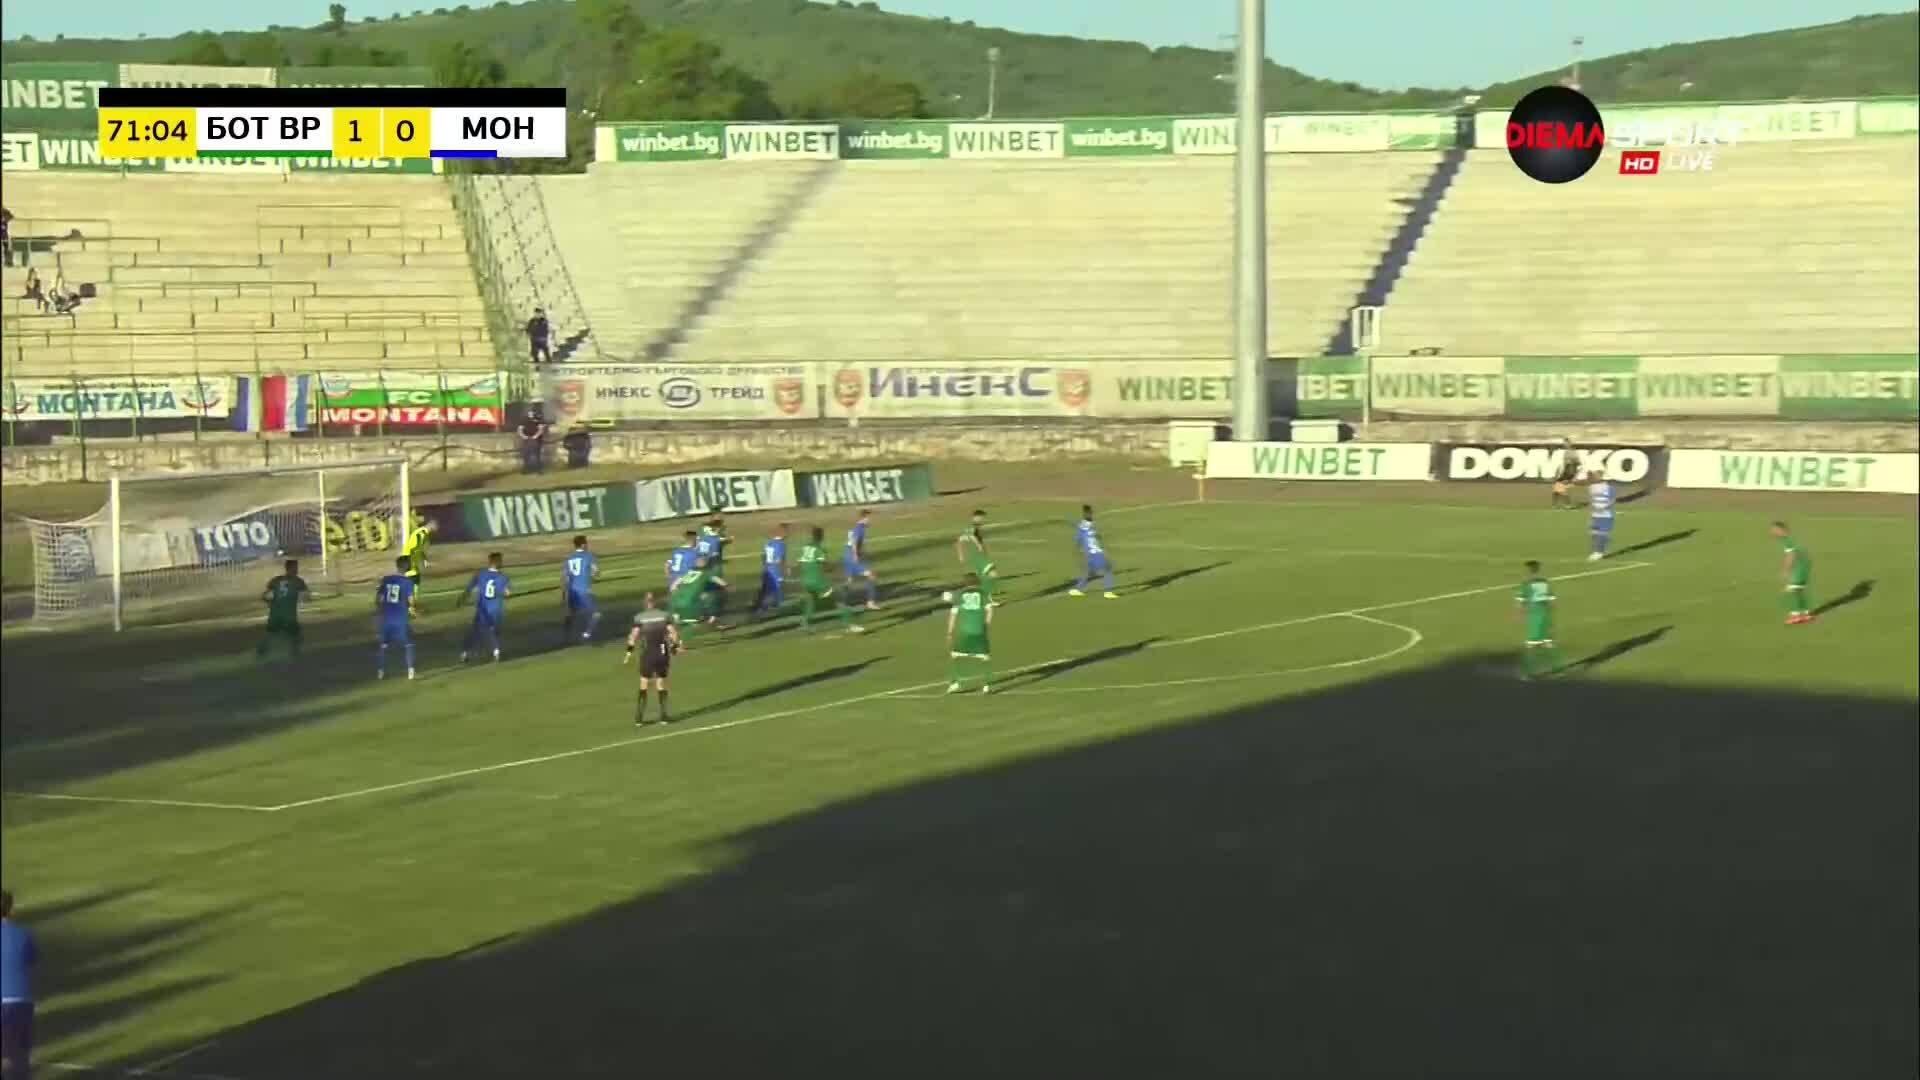 Ботев Враца - Монтана 1:0 /репортаж/